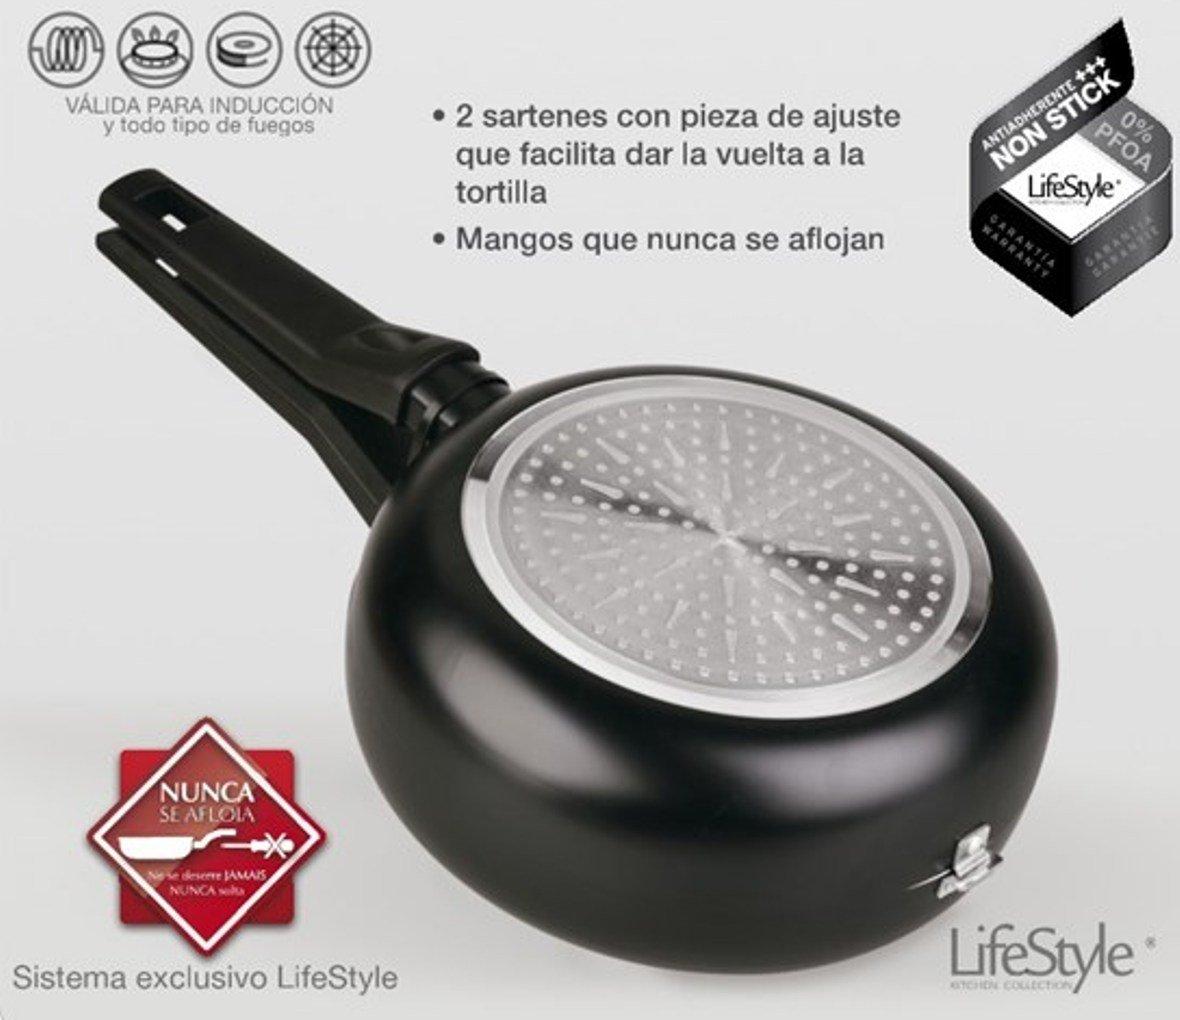 Life Style - Doble Sartén Voltea Tortillas - Vitro-Inducción - Ø 24 cm: Amazon.es: Hogar